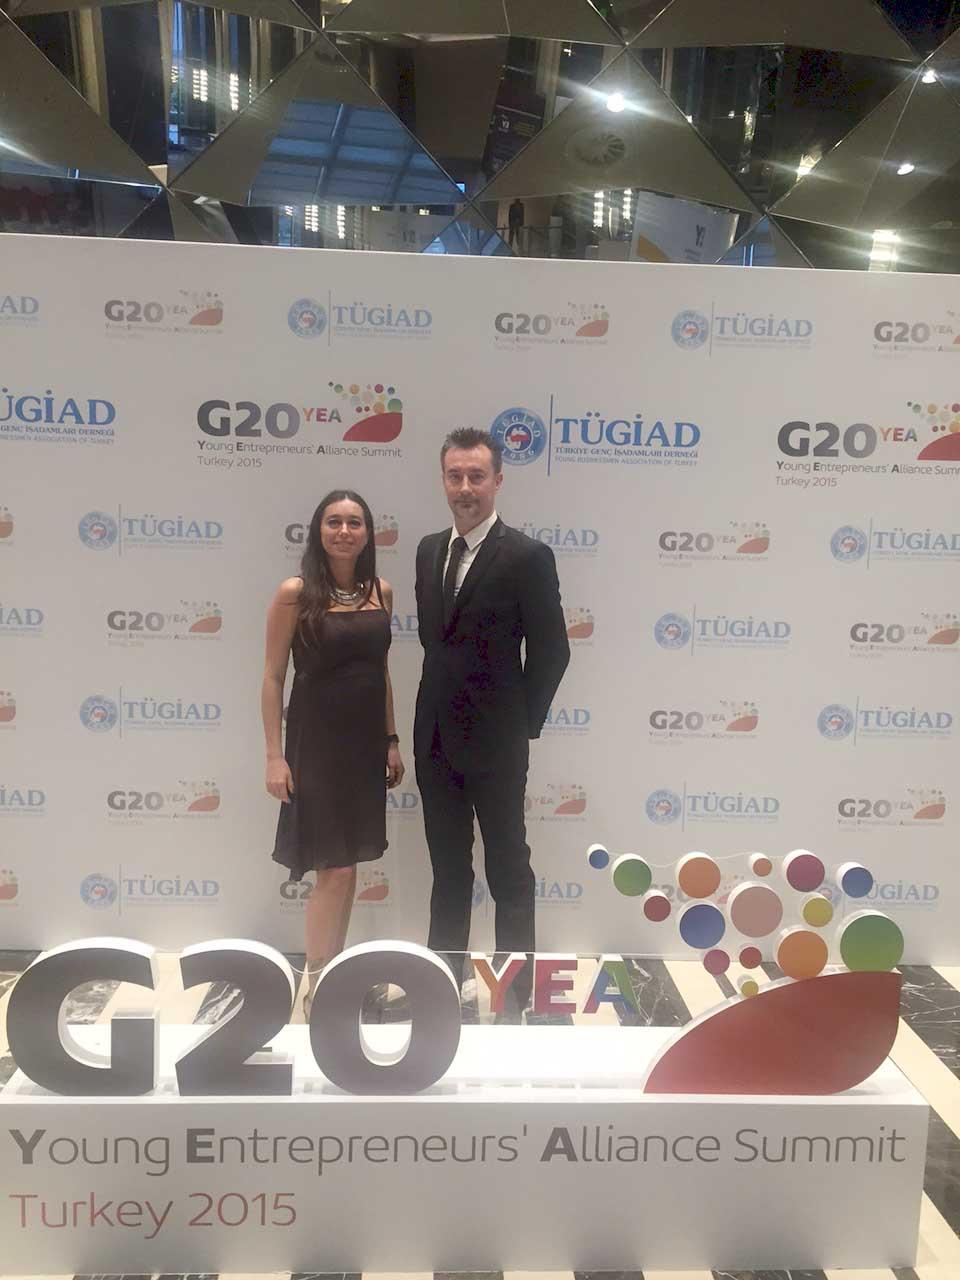 G20YEA Lia Correzzola e Matteo Tomba delegati FVG al G20YEA 2015 Istanbul